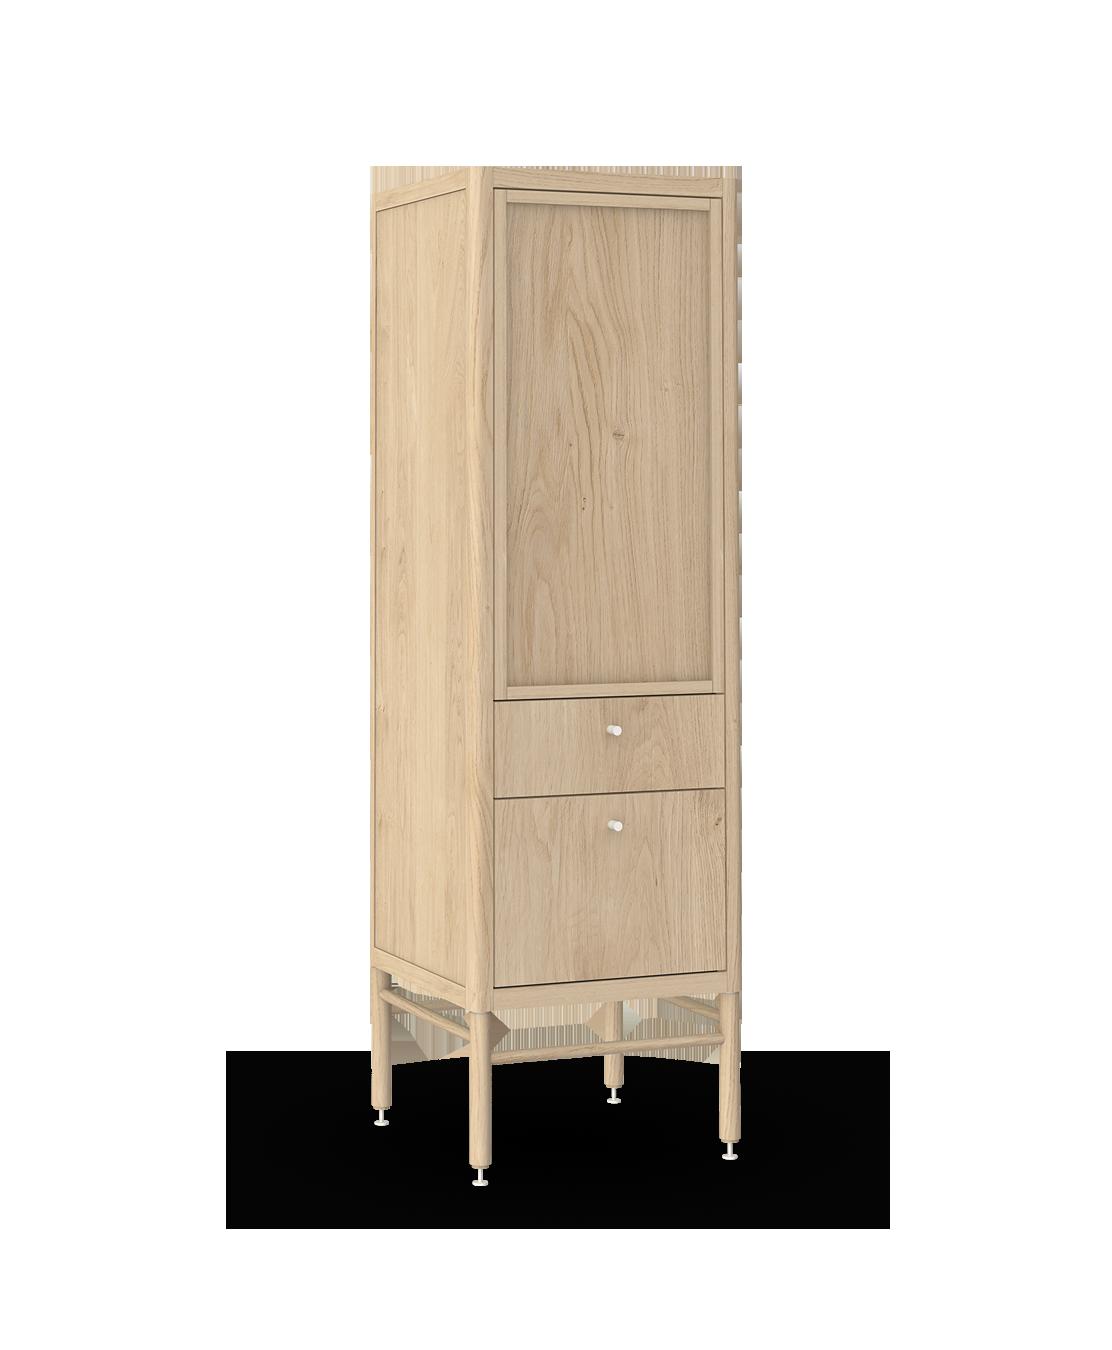 armoire chiffonnier modulaire de rangement en bois massif coquo statio chêne blanc 18 pouces C4-D-1818-2103-NA